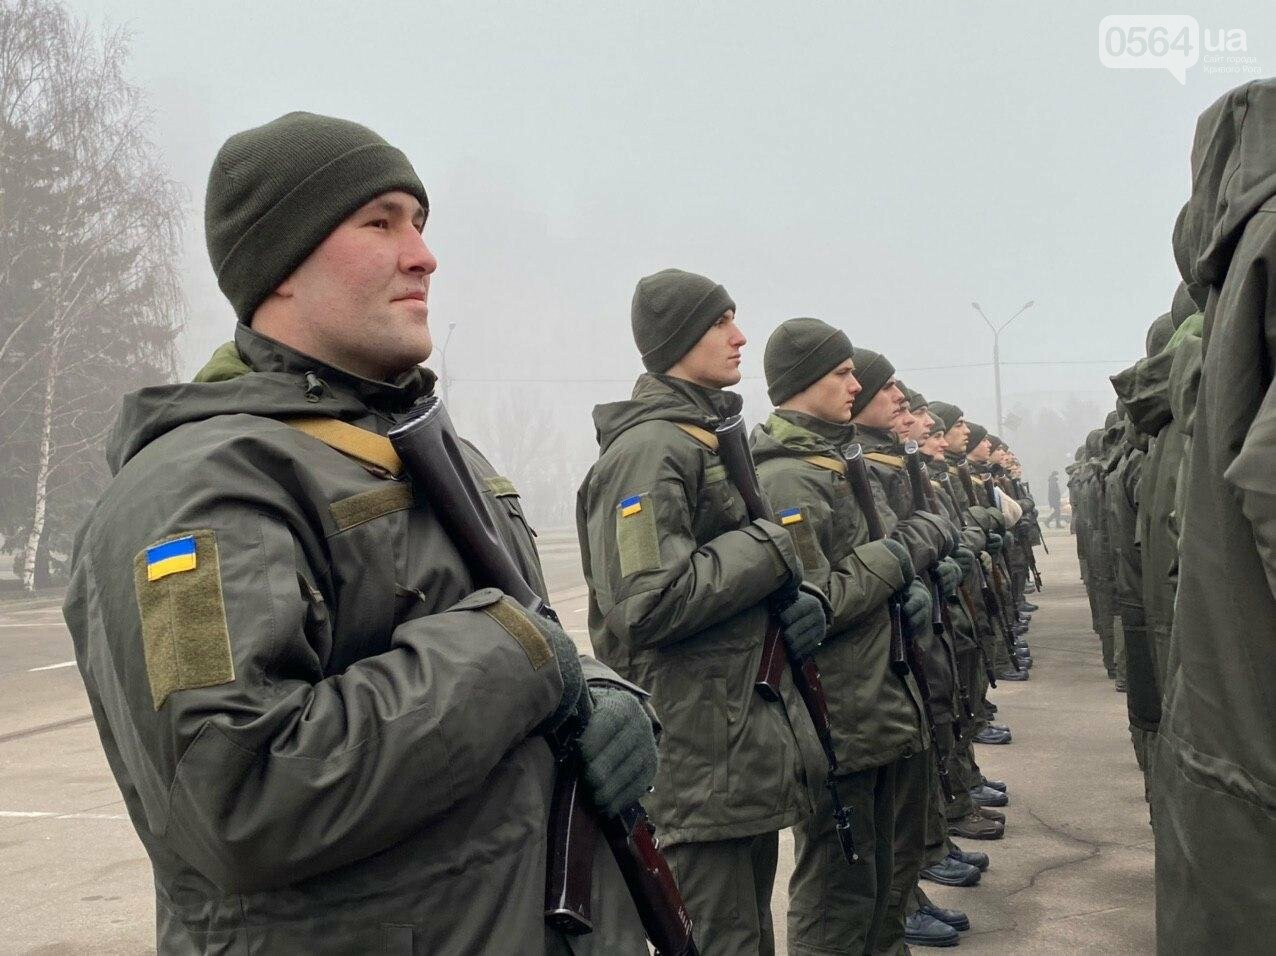 В Кривом Роге на верность украинскому народу присягнули 43 нацгвардейца, - ФОТО, ВИДЕО , фото-13